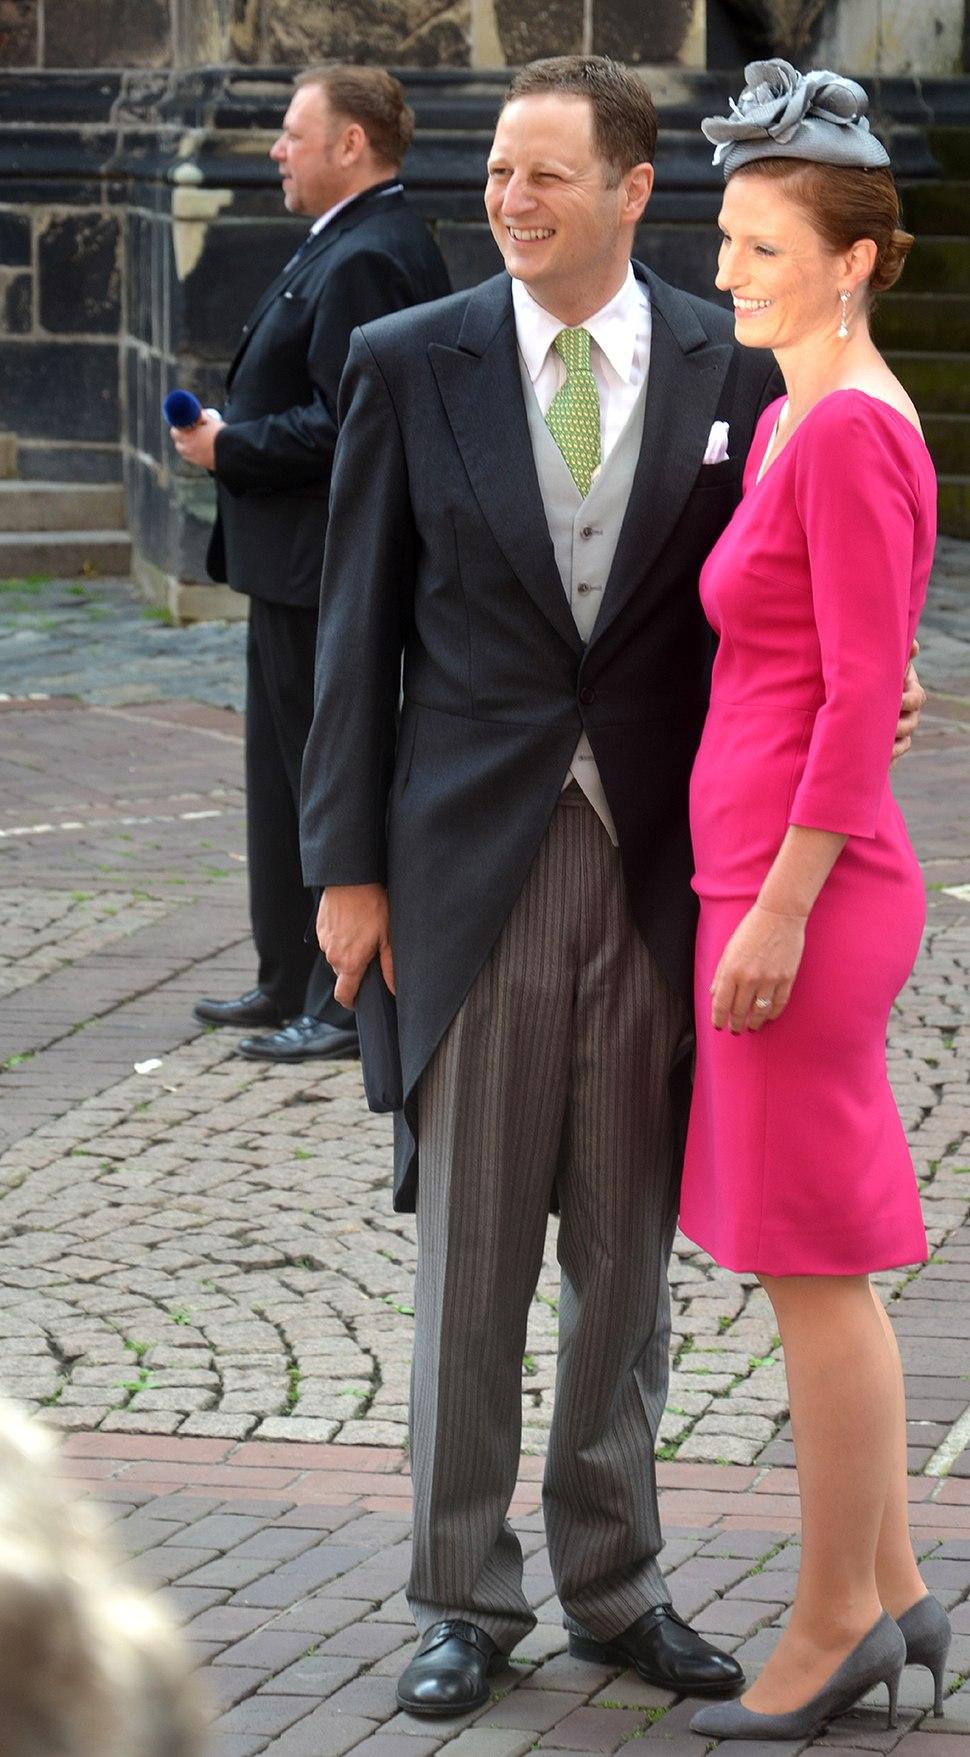 2017-07-08 Wedding Ekaterina Malysheva und Ernst August von Hannover (1201)b